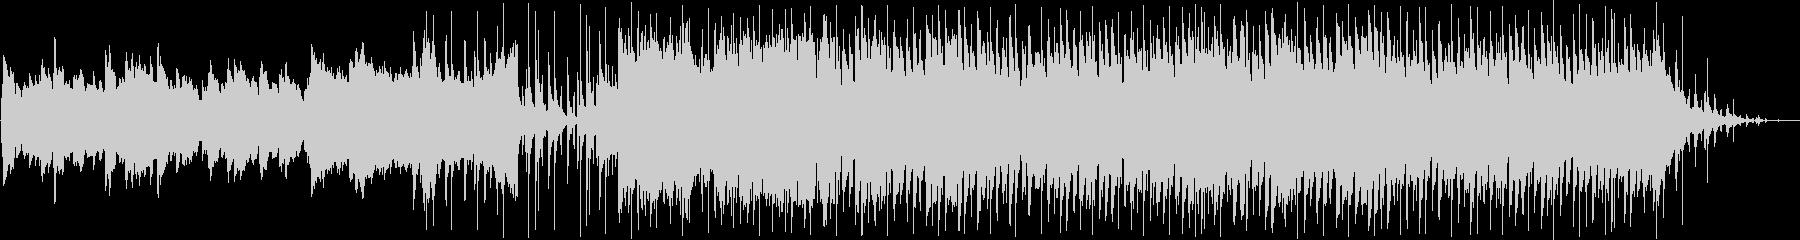 動画BGM用の小曲(切ない、哀愁)の未再生の波形